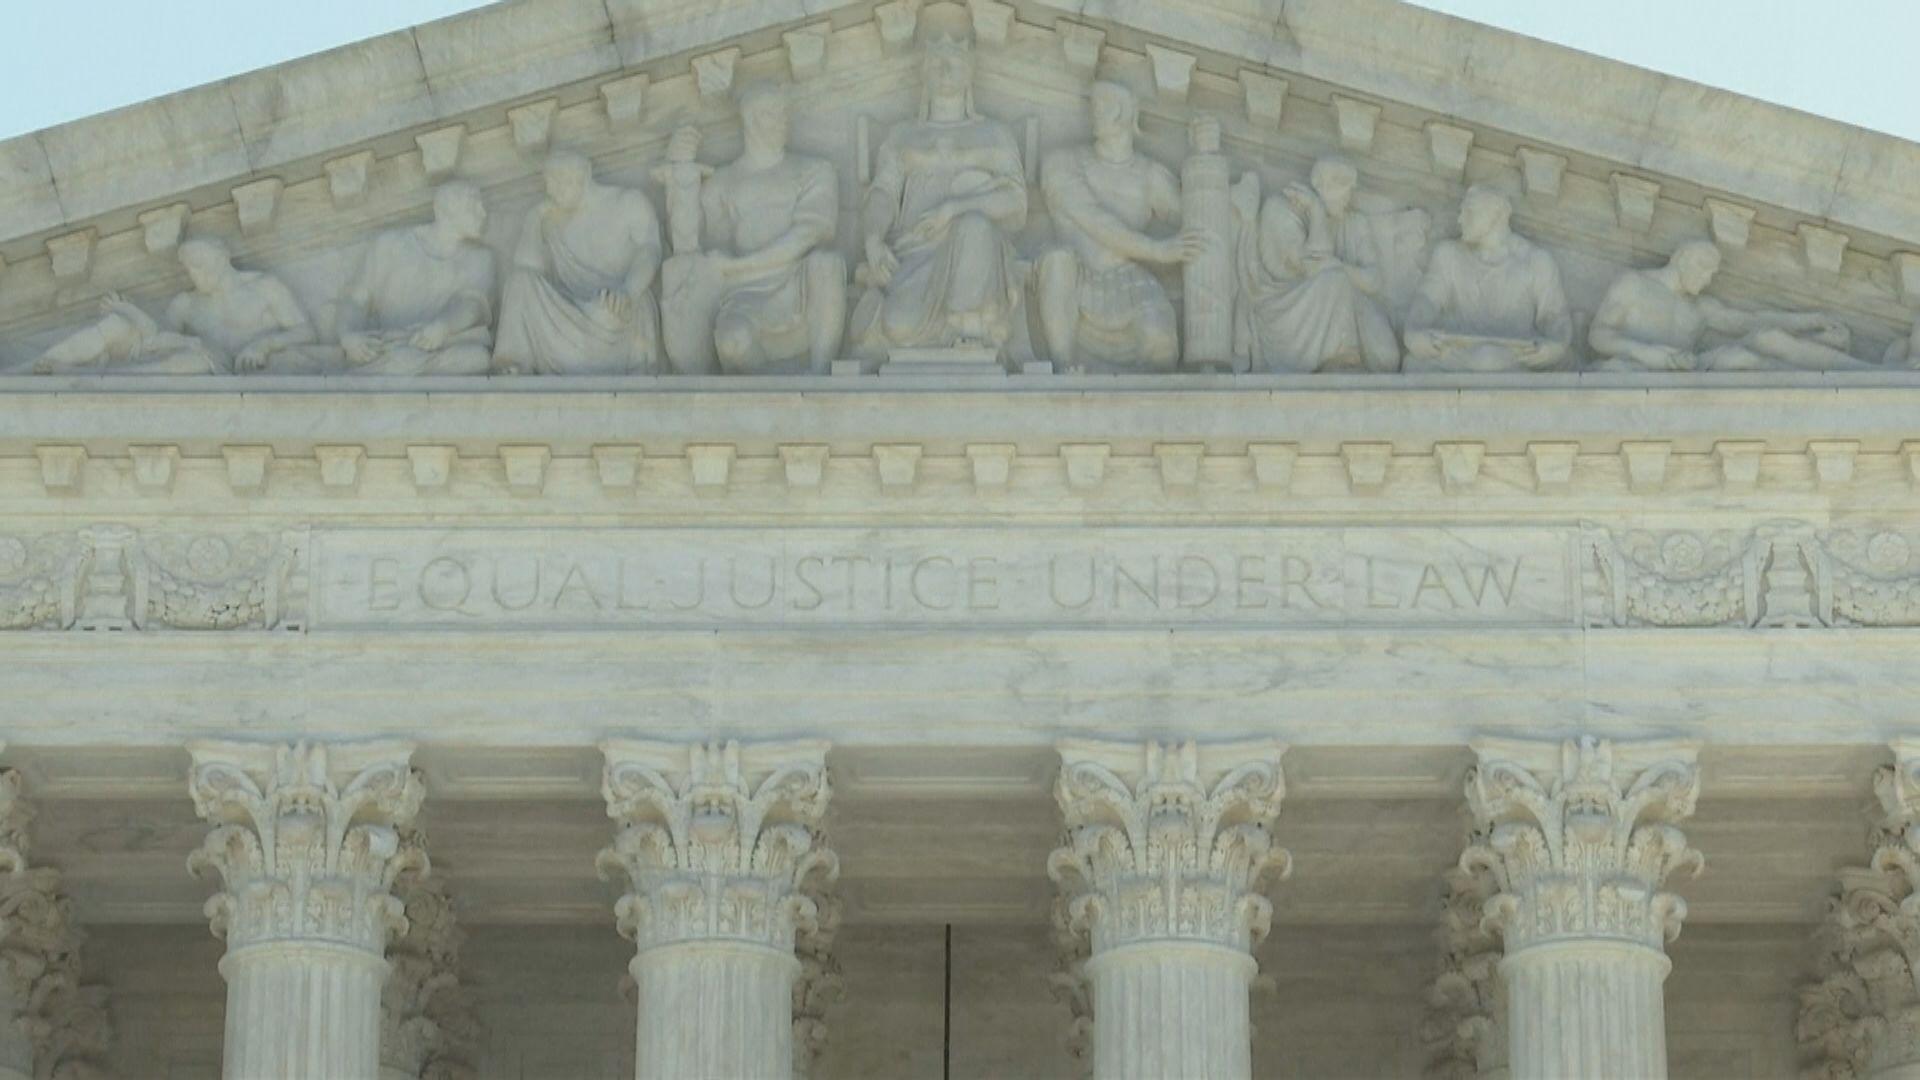 美最高法院裁定廢除追夢者計劃不合法